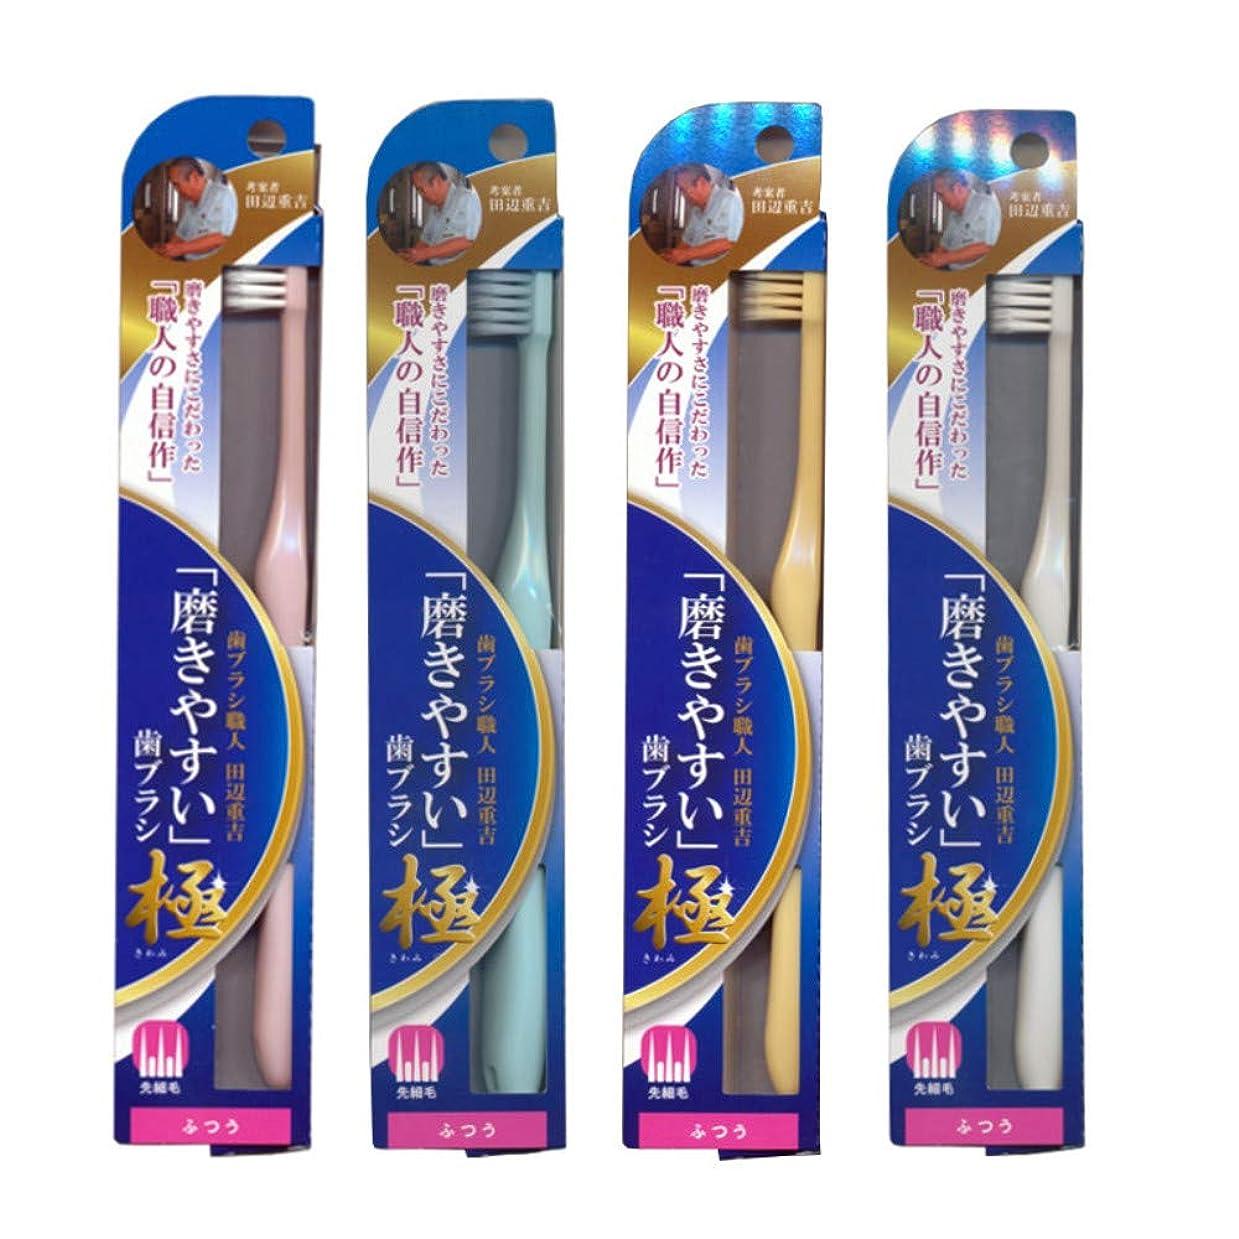 浸食管理磨きやすい歯ブラシ極 (ふつう) LT-44×4本セット(ピンク×1、ブルー×1、ホワイト×1、イエロー×1)先細毛